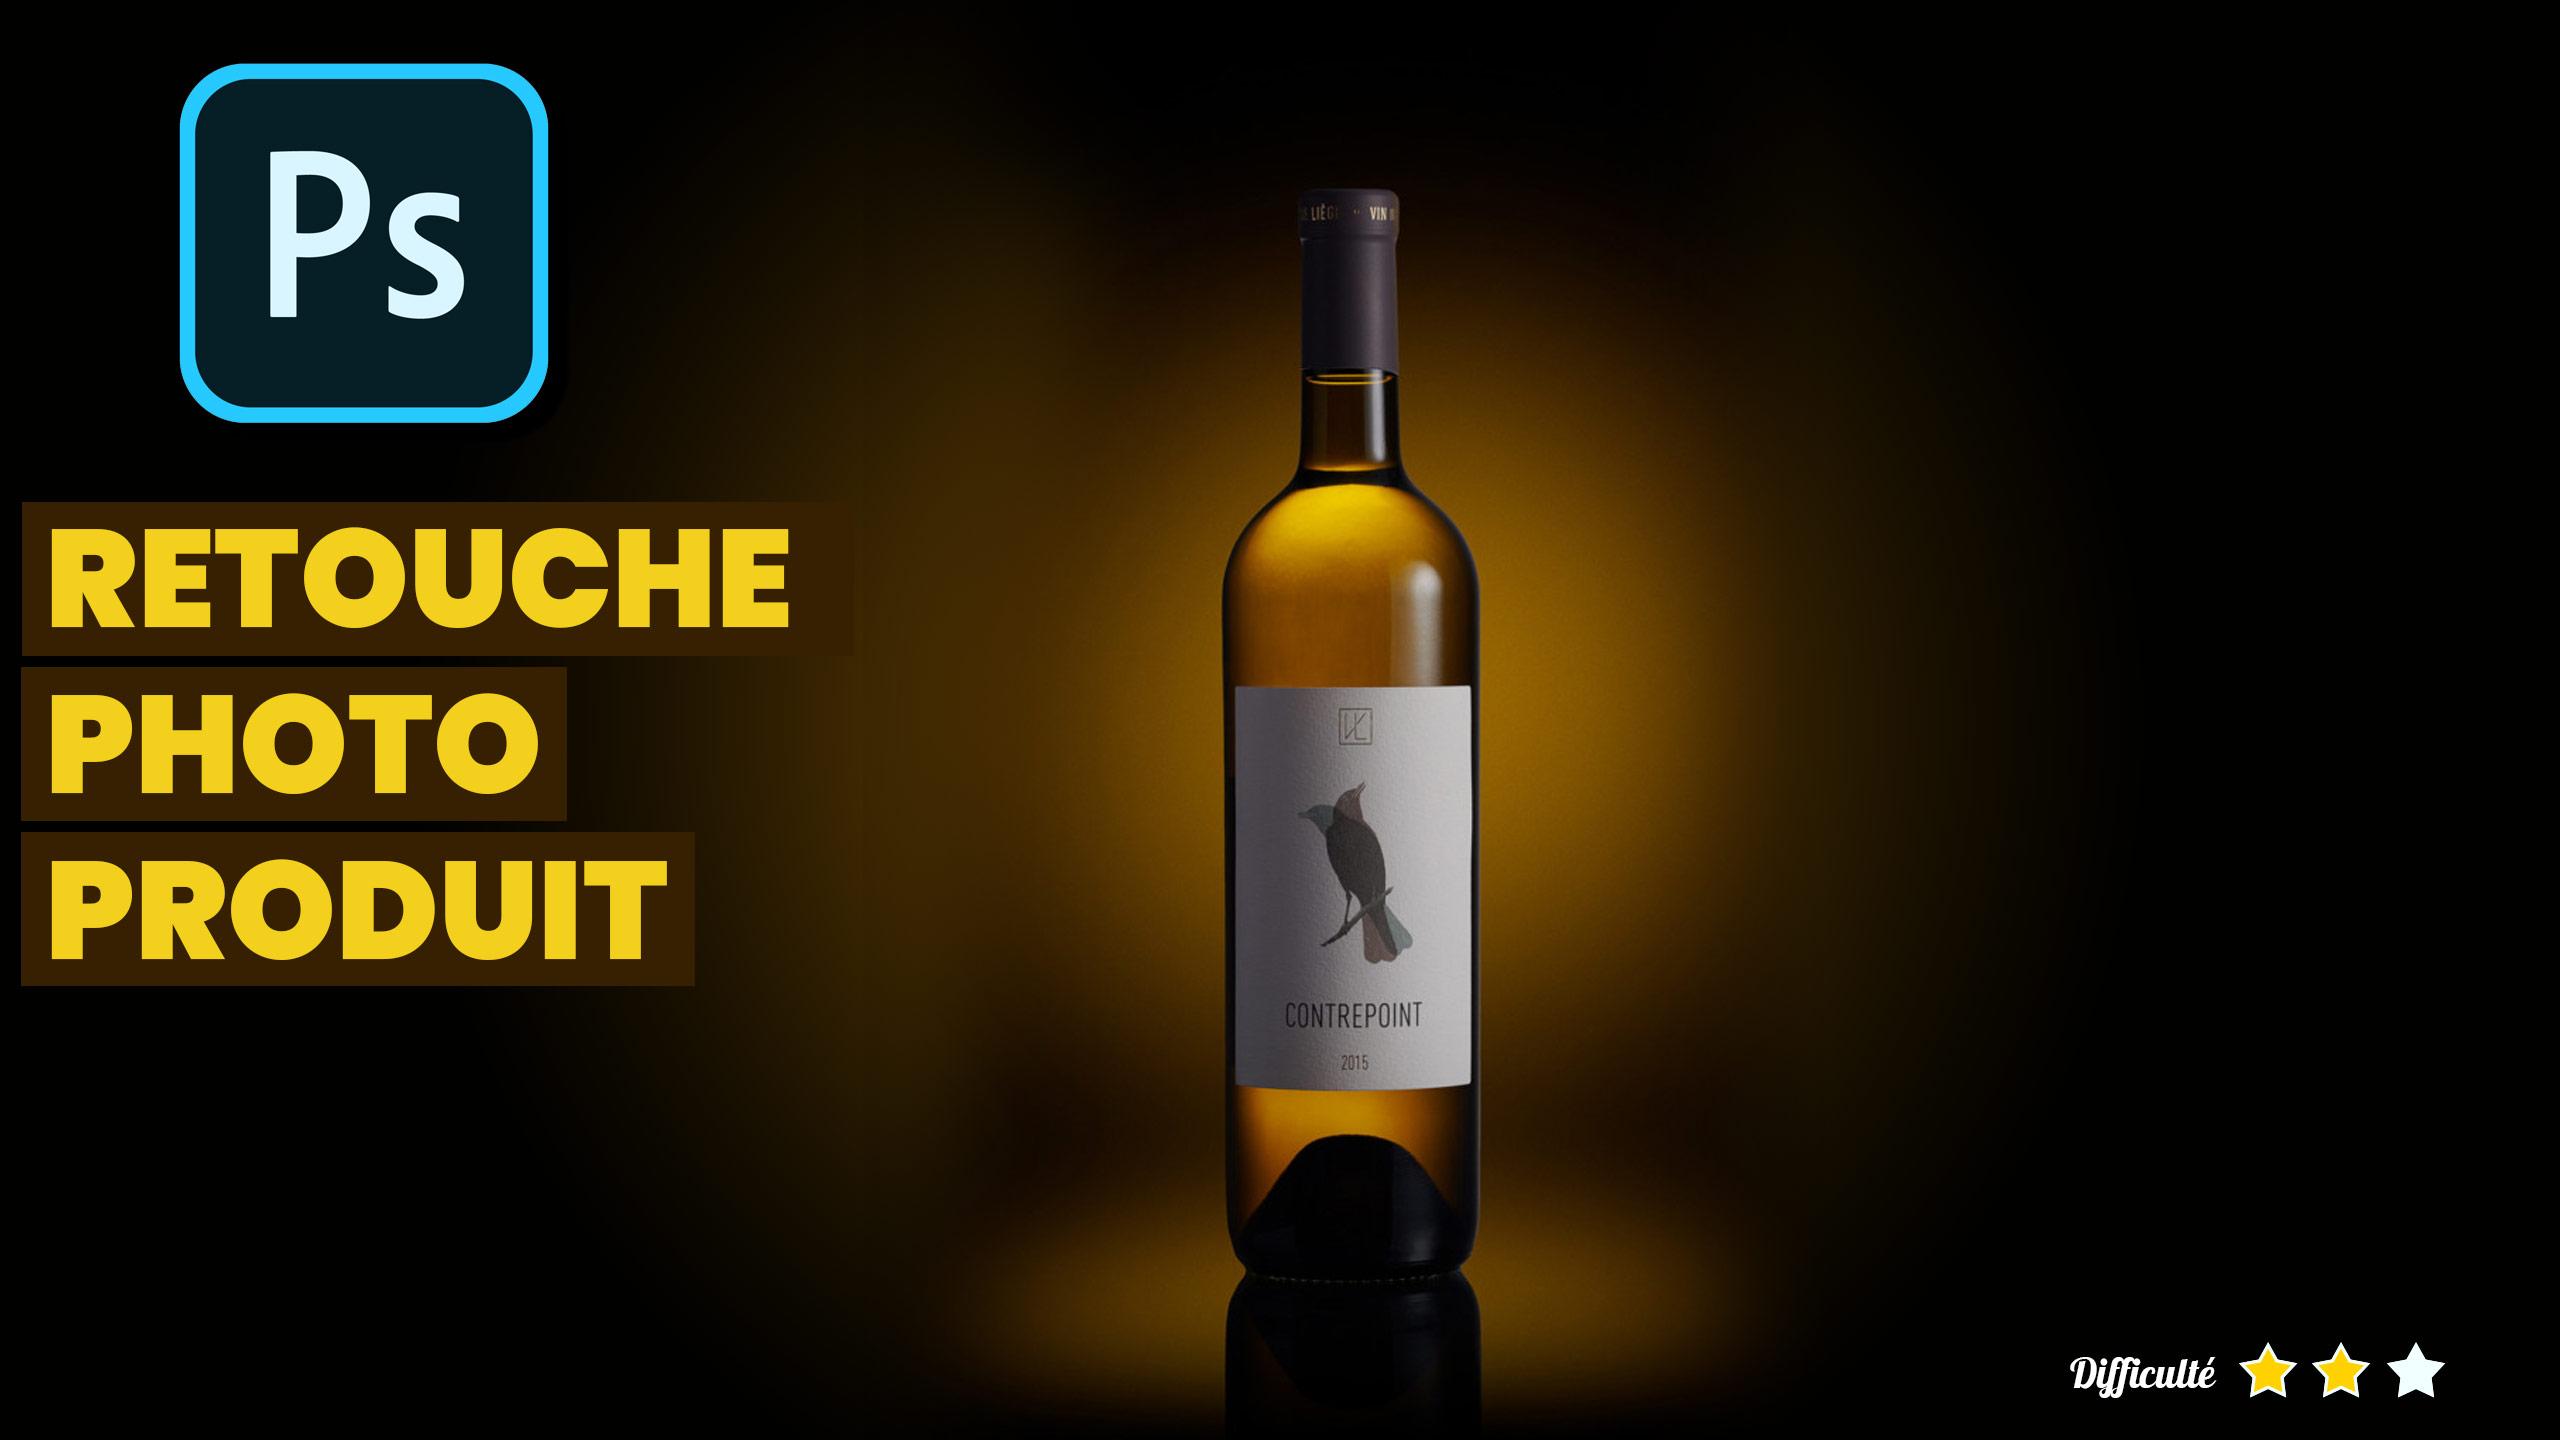 Tutoriel retouche photo: méthode pour retoucher une bouteille de vin